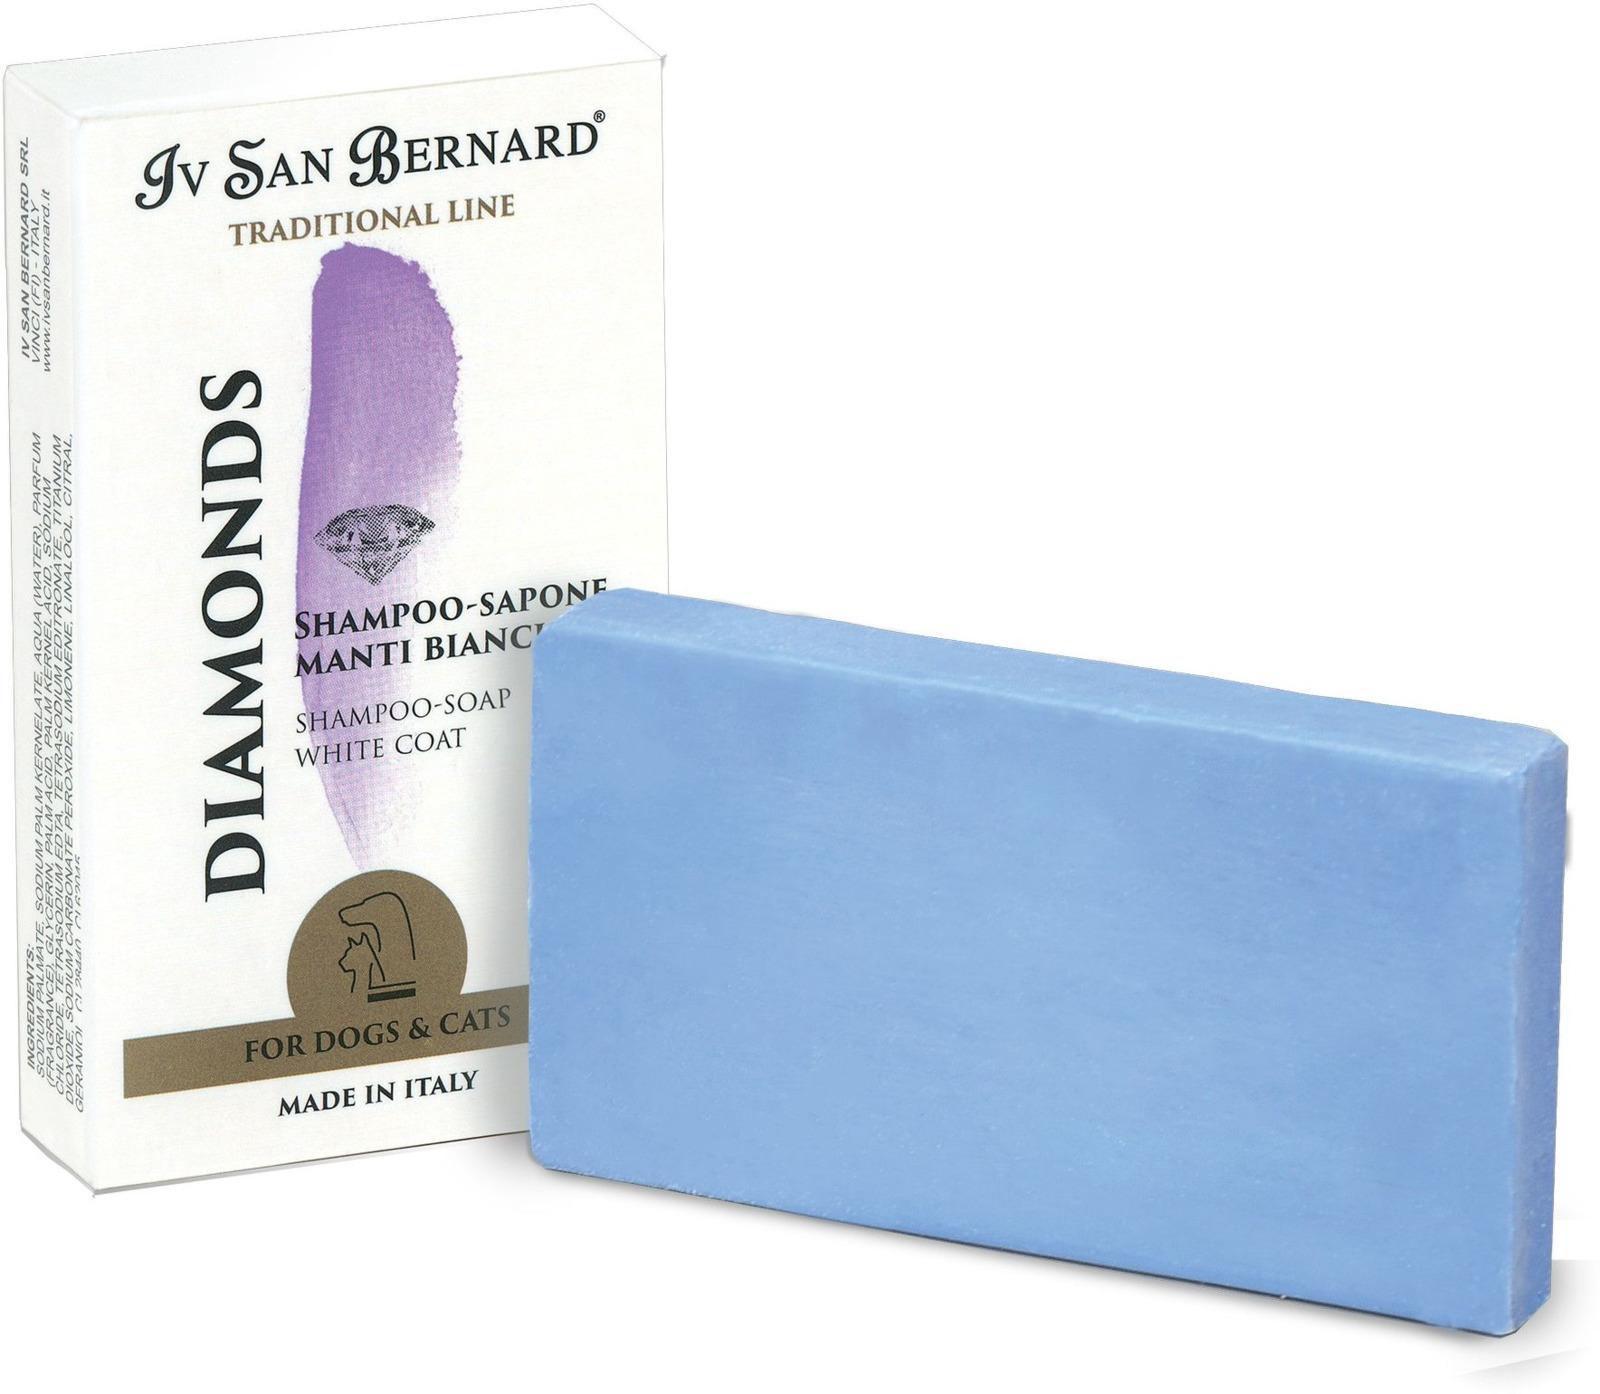 Шампунь-мыло для животных Iv San Bernard ISB Traditional Line Dianonds, для отбеливания и восстановления яркости окраса, 75 г line шампунь